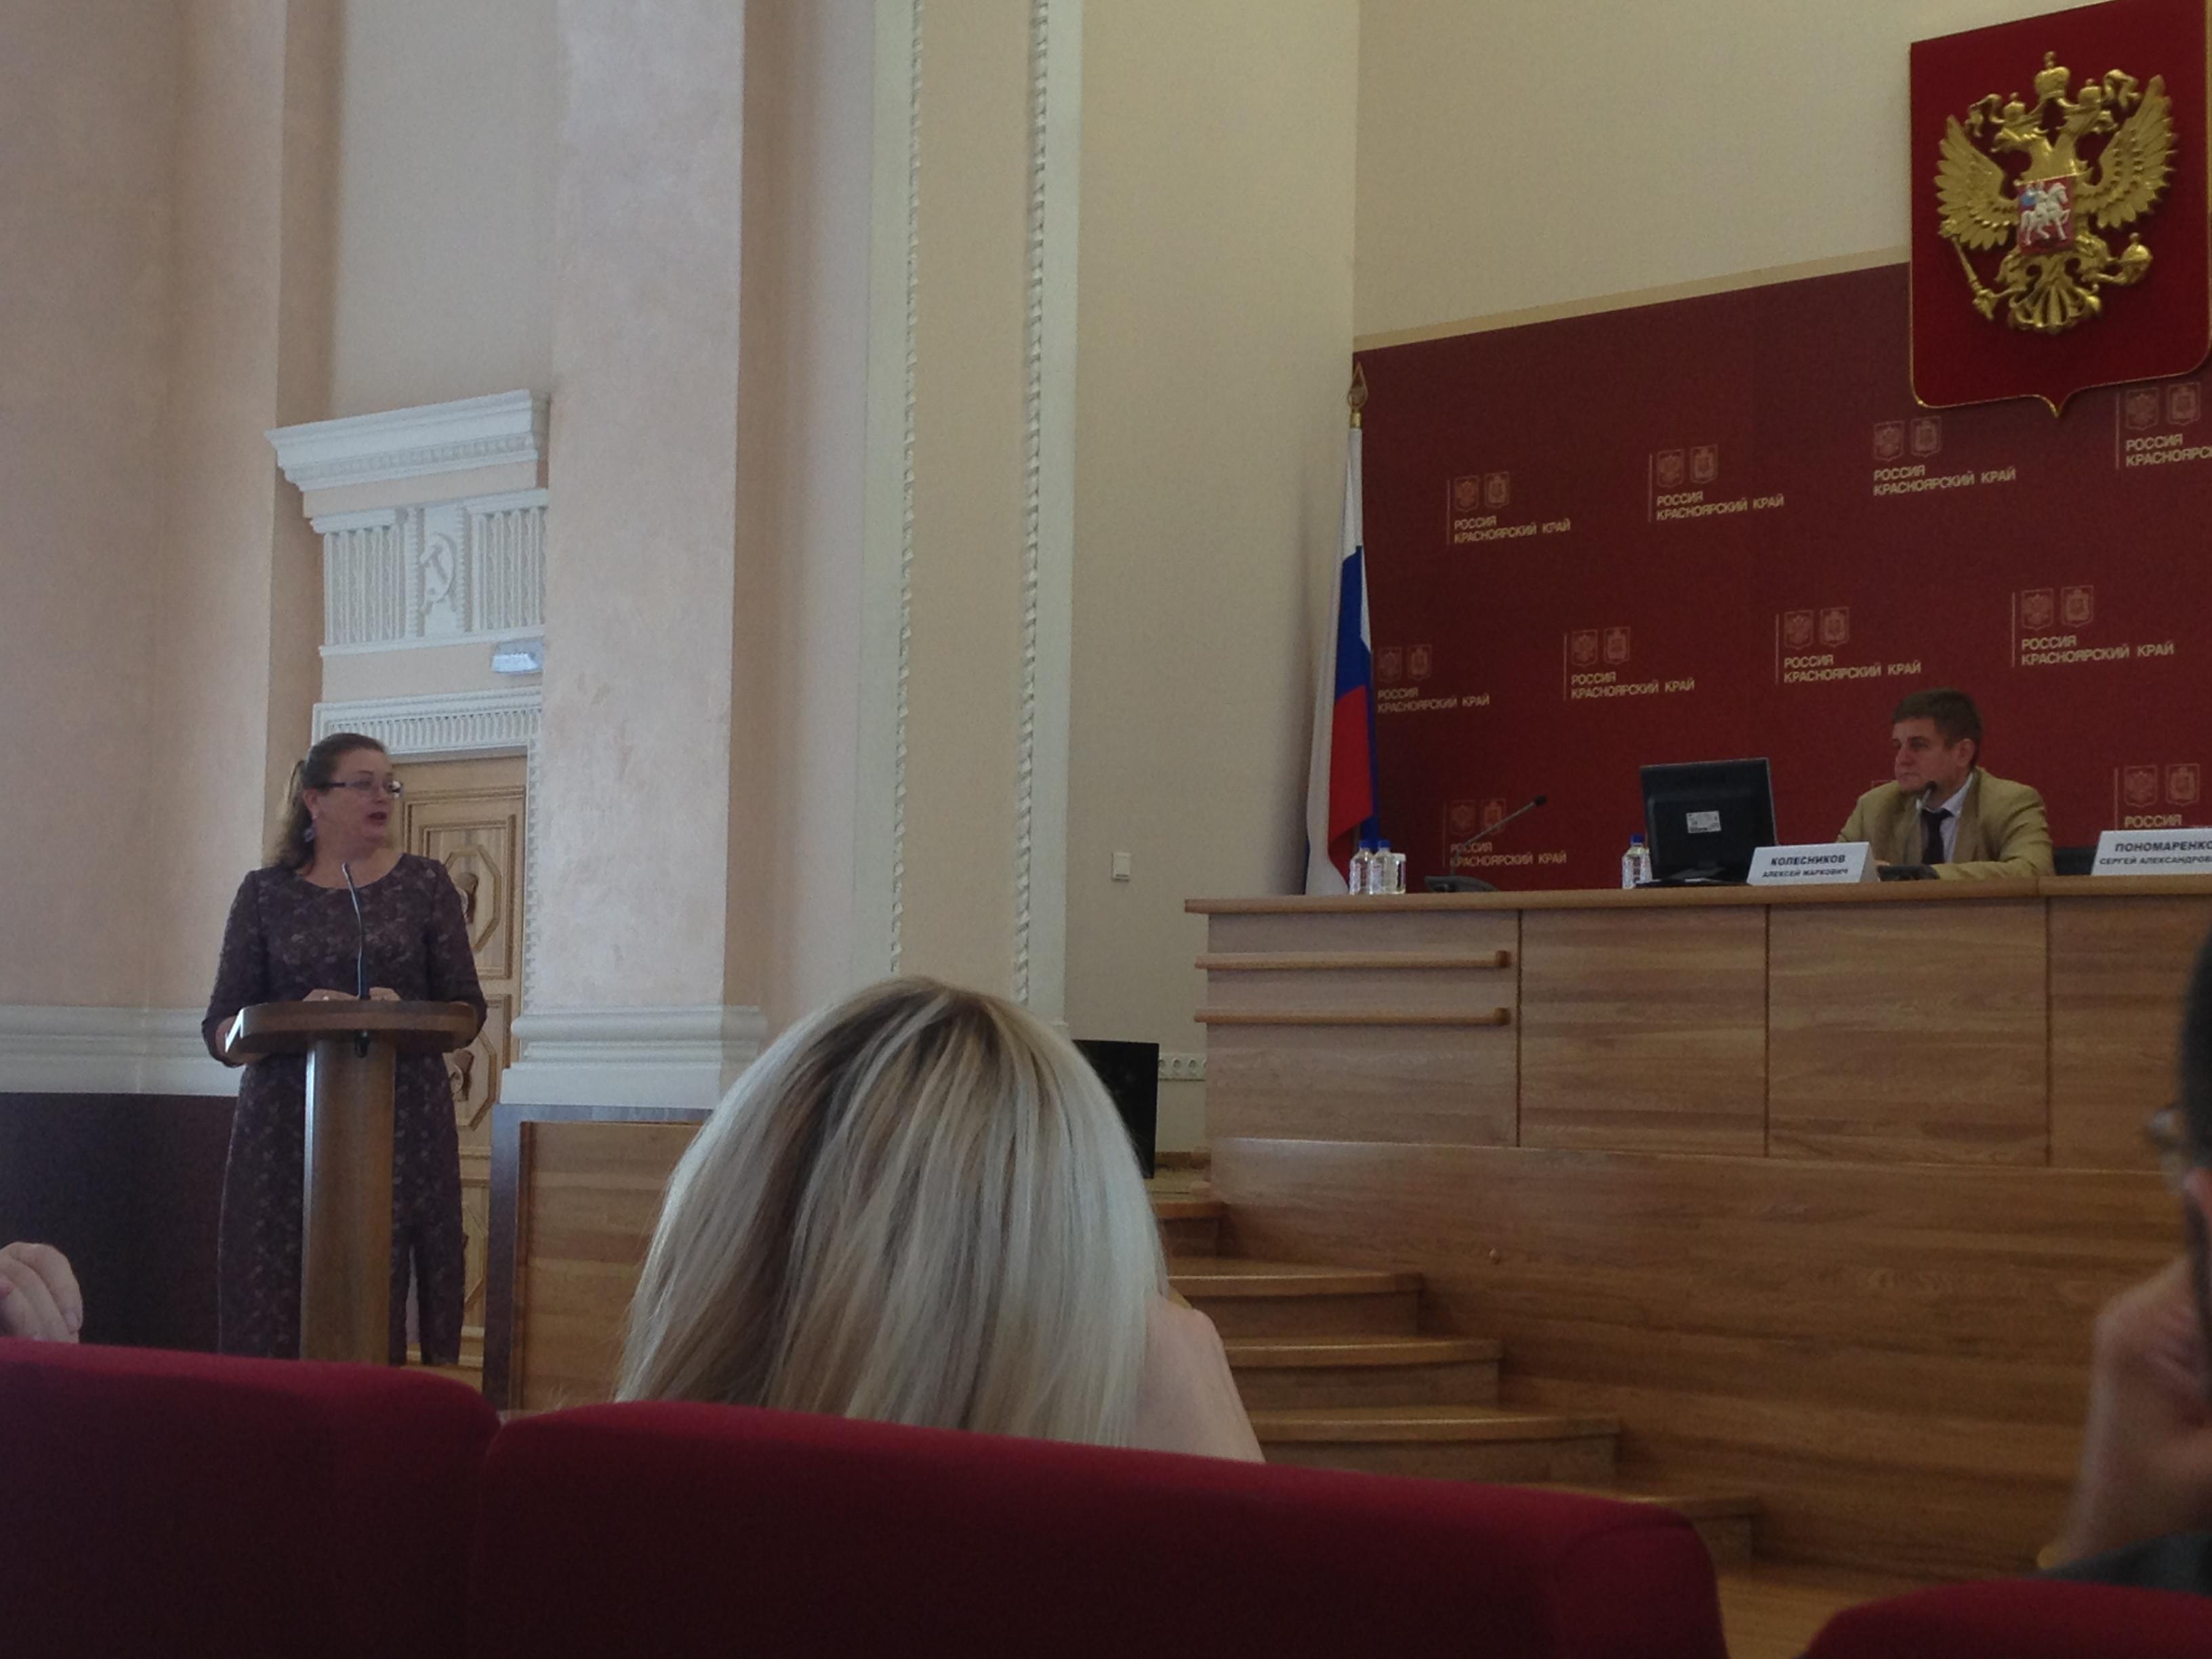 Научно-практическая конференция по вопросам совершенствования работы кадровых служб органов государственной власти и местного самоуправления #2